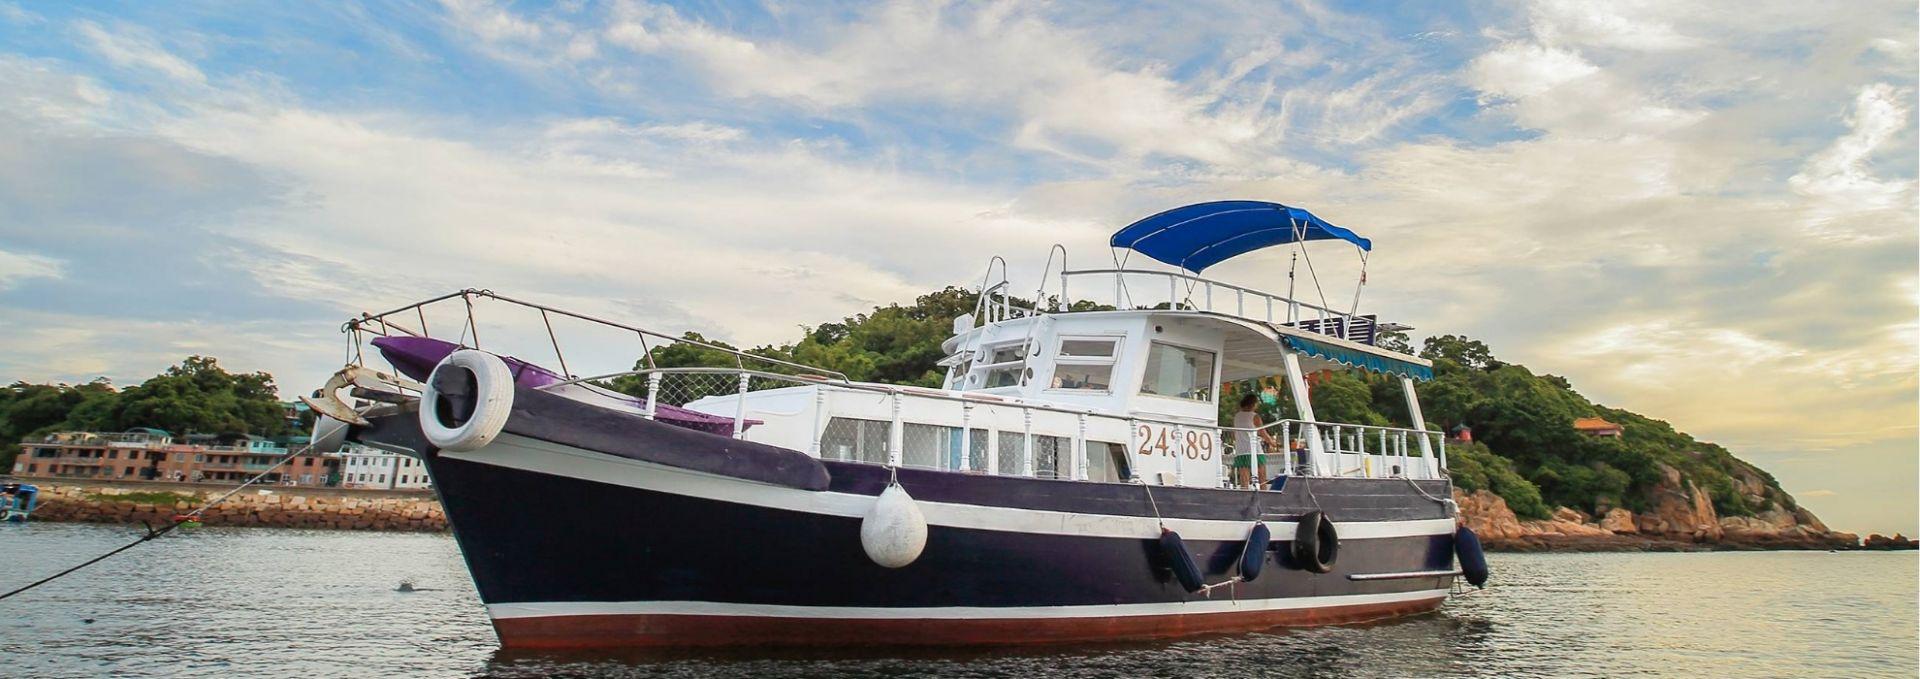 Hong Kong Yacht Charter - HKY17